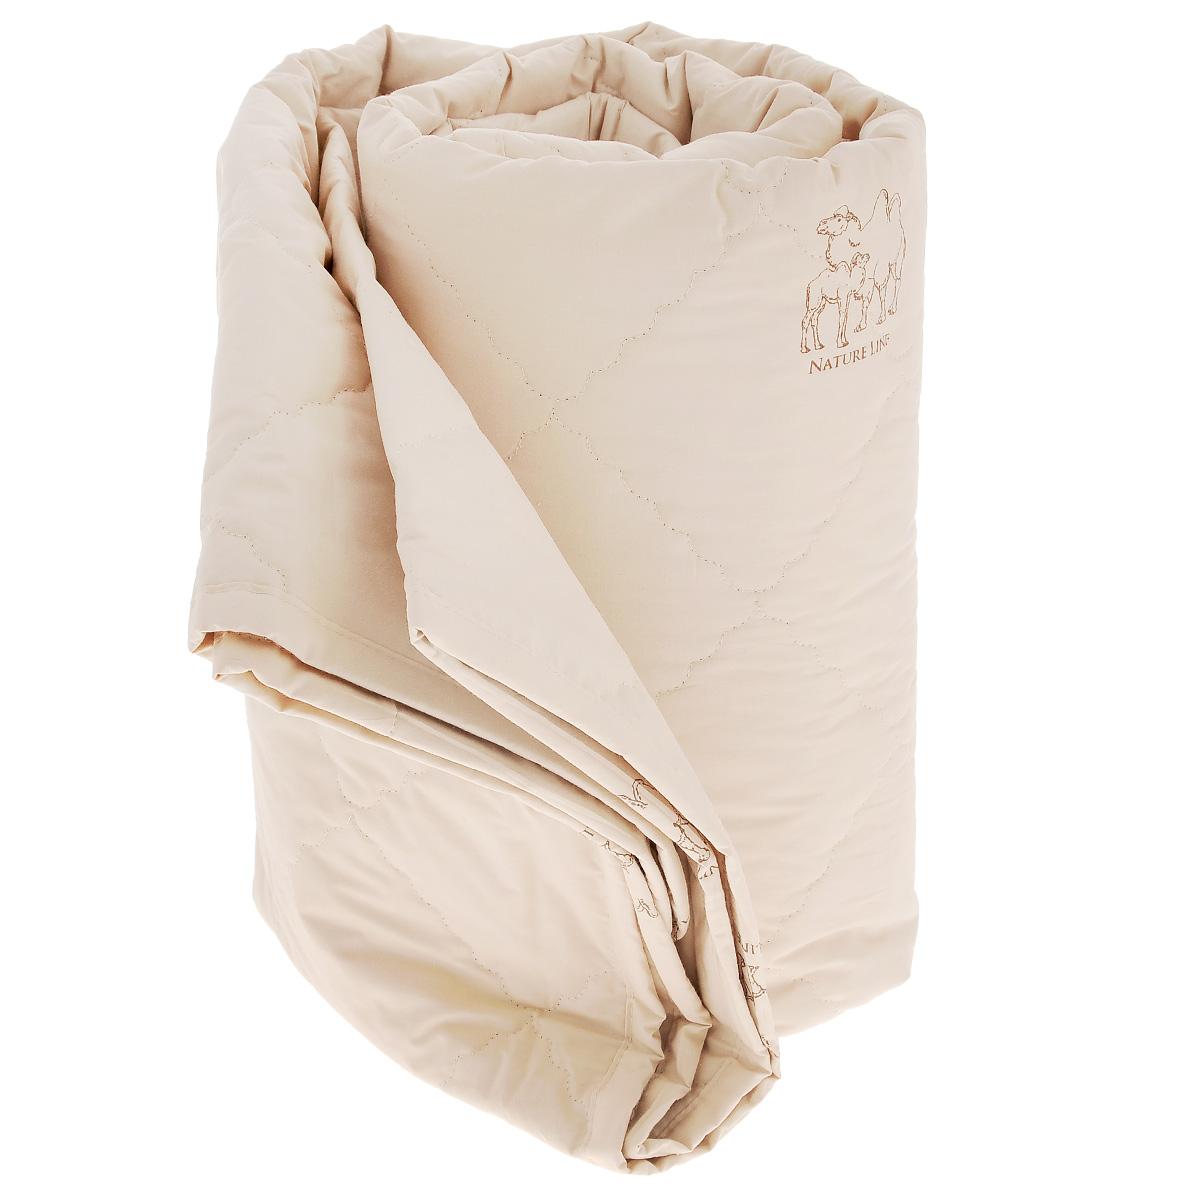 Одеяло La Prima Верблюжья шерсть, наполнитель: верблюжья шерсть, полиэфирное волокно, цвет: темно-бежевый, 170 х 205 смV30 AC DCОдеяло La Prima Верблюжья шерсть - это выбор тех, кто заботится о своем здоровье, поскольку оно отличается не только теплотой и мягкостью, но и своими целебными свойствами. Чехол выполнен из 100% хлопка. Наполнитель - с натуральной верблюжьей шерстью. Одеяло из верблюжьей шерсти подарит вам абсолютный комфорт во время сна, так как оказывает положительное влияние на организм человека. Оно создает эффект сухого тепла, прогревая мышцы и суставы, успокаивает и снимает усталость. Одеяло из верблюжьей шерсти теплее, прочнее и при одинаковом объеме значительно легче овечьей шерсти. Оно гипоаллергенно и рекомендовано для профилактики и лечения многих заболеваний. Материал чехла: 100% хлопок. Наполнитель: верблюжья шерсть, полиэфирное волокно. Размер: 170 см х 205 см.